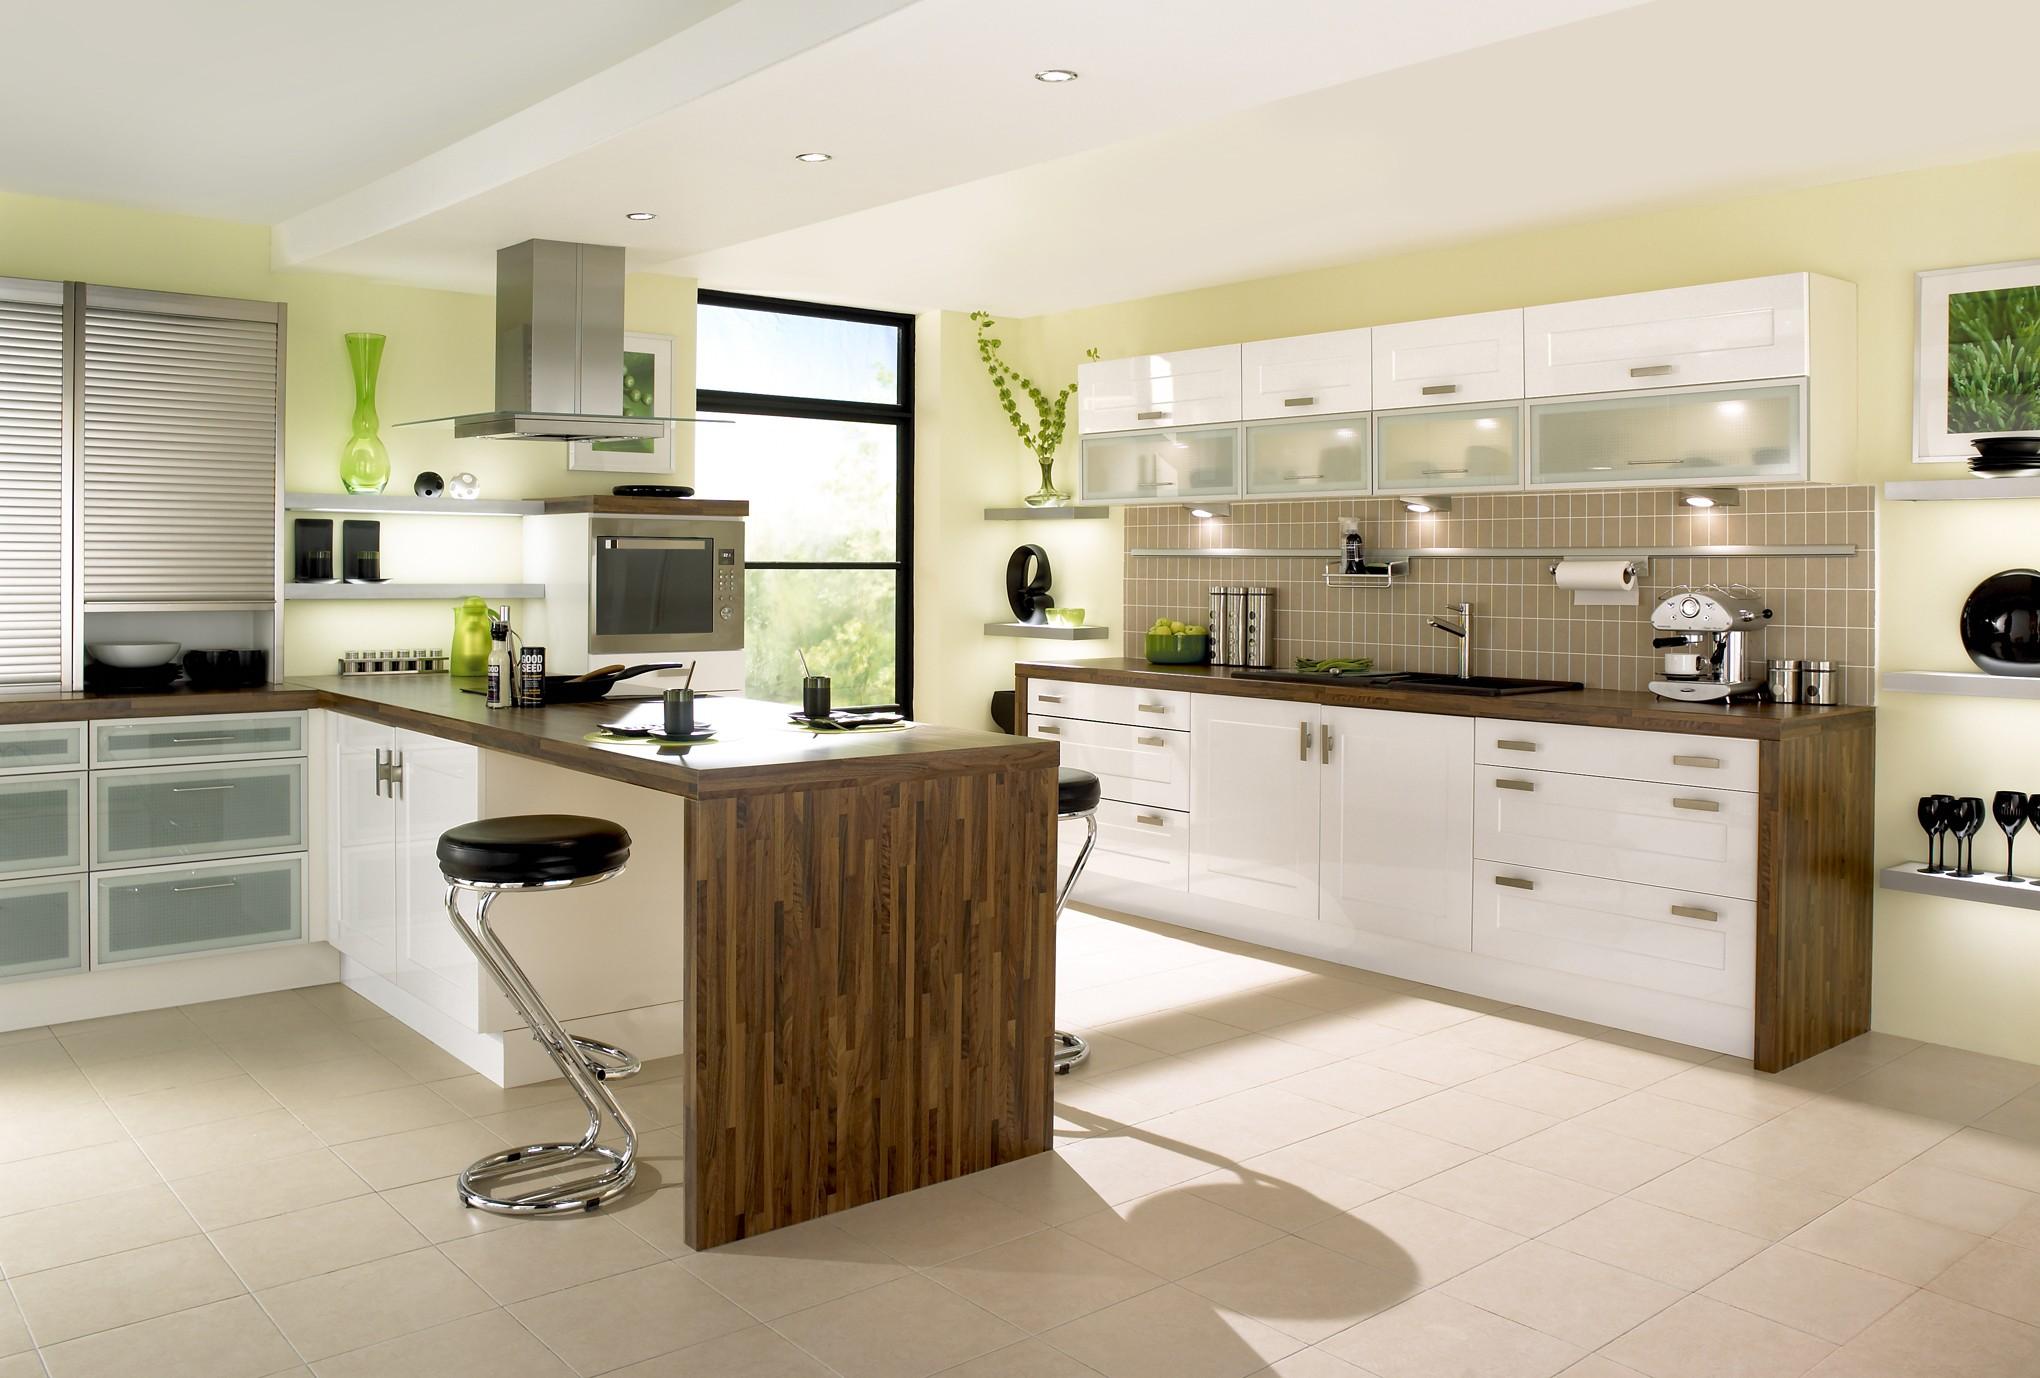 godt ud-modulære-køkken-design-ideer-med-hvid-brun-farver-køkken-frysere-og-køkken-ø-også-rustfrit stål-afføring-med-sort-læder-sæde-også-indbyggede i-ovne-og-komfur-hood-også-unde